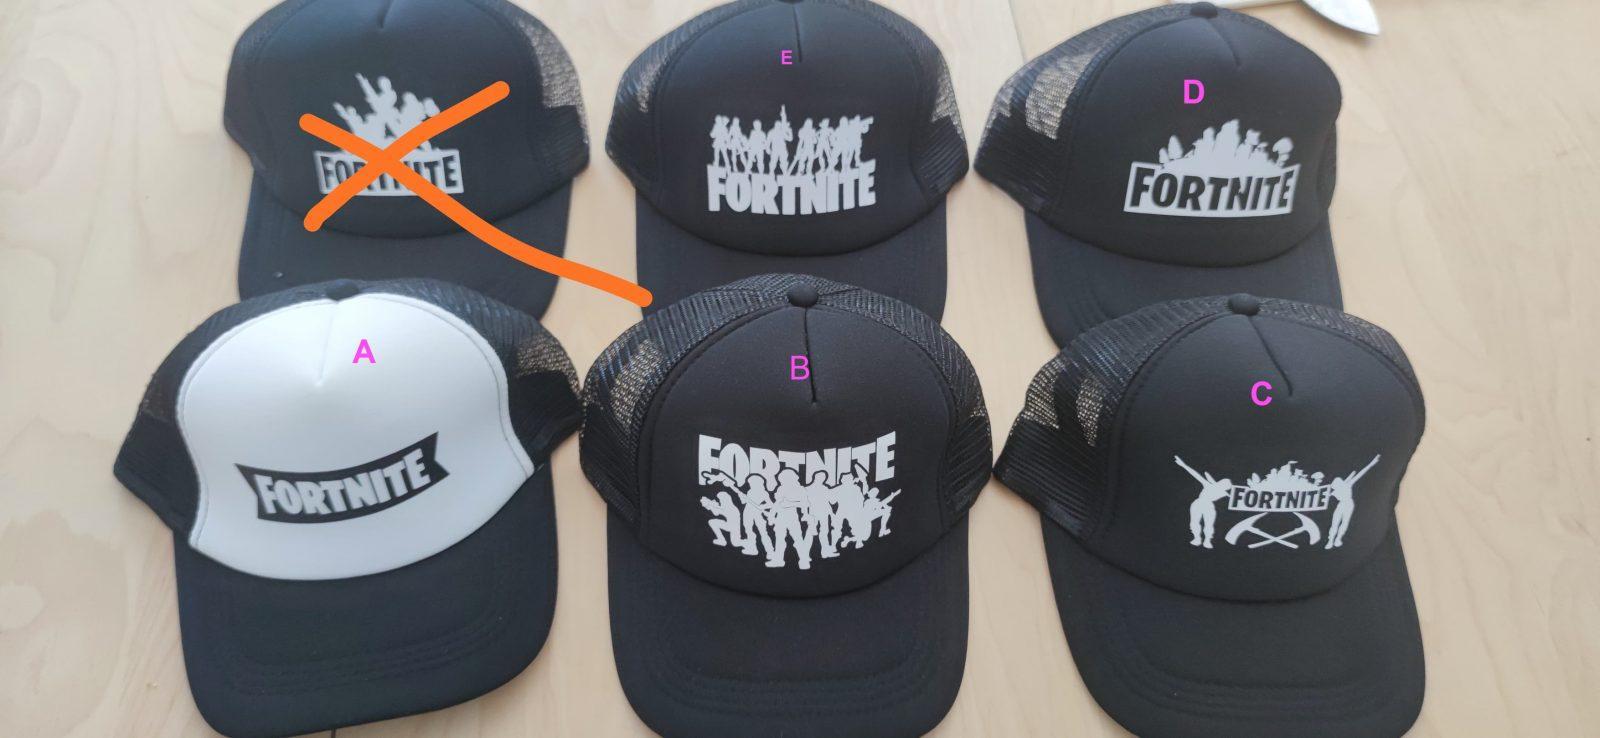 פורטנייט כובע מצחייה שחור/לבן באספקה מהירה